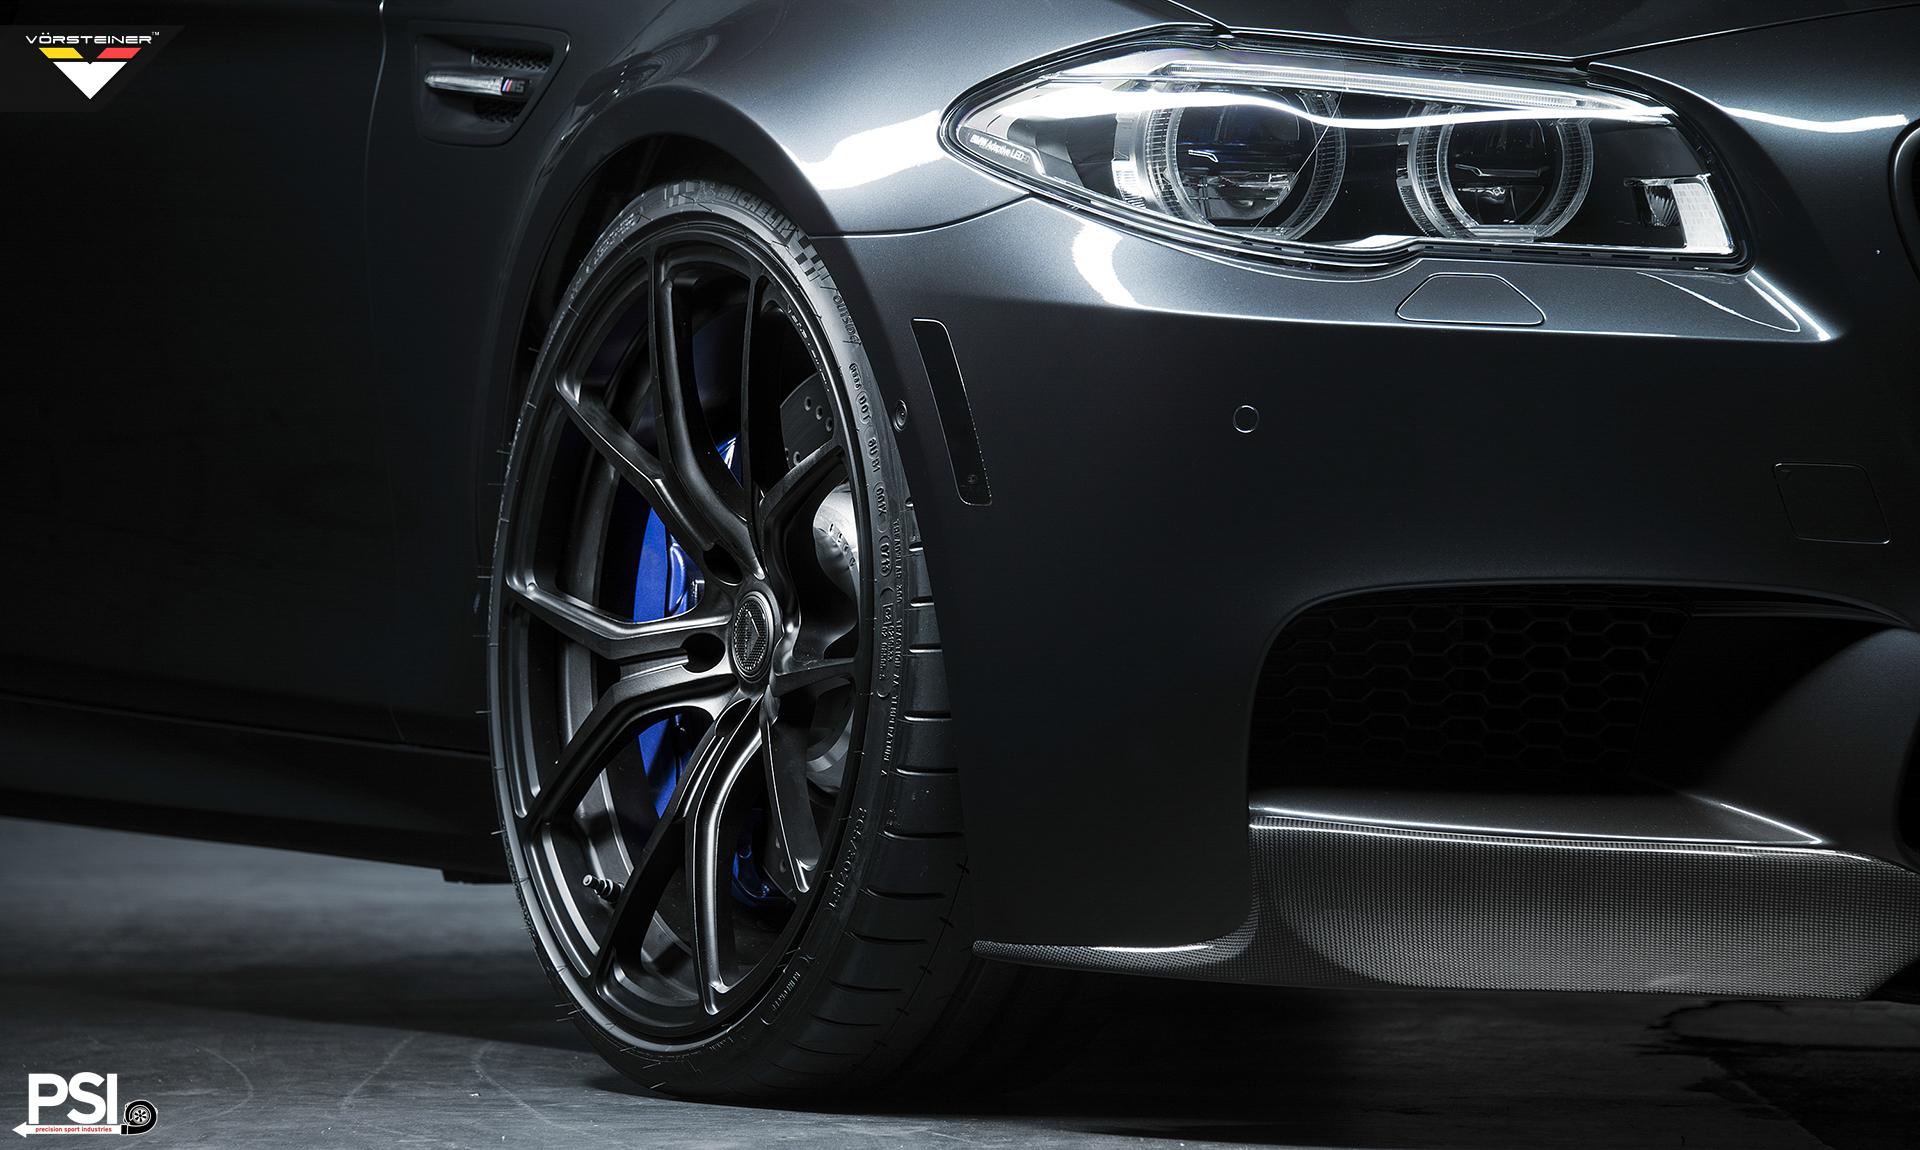 Vorsteiner_BMW_F10M5_013